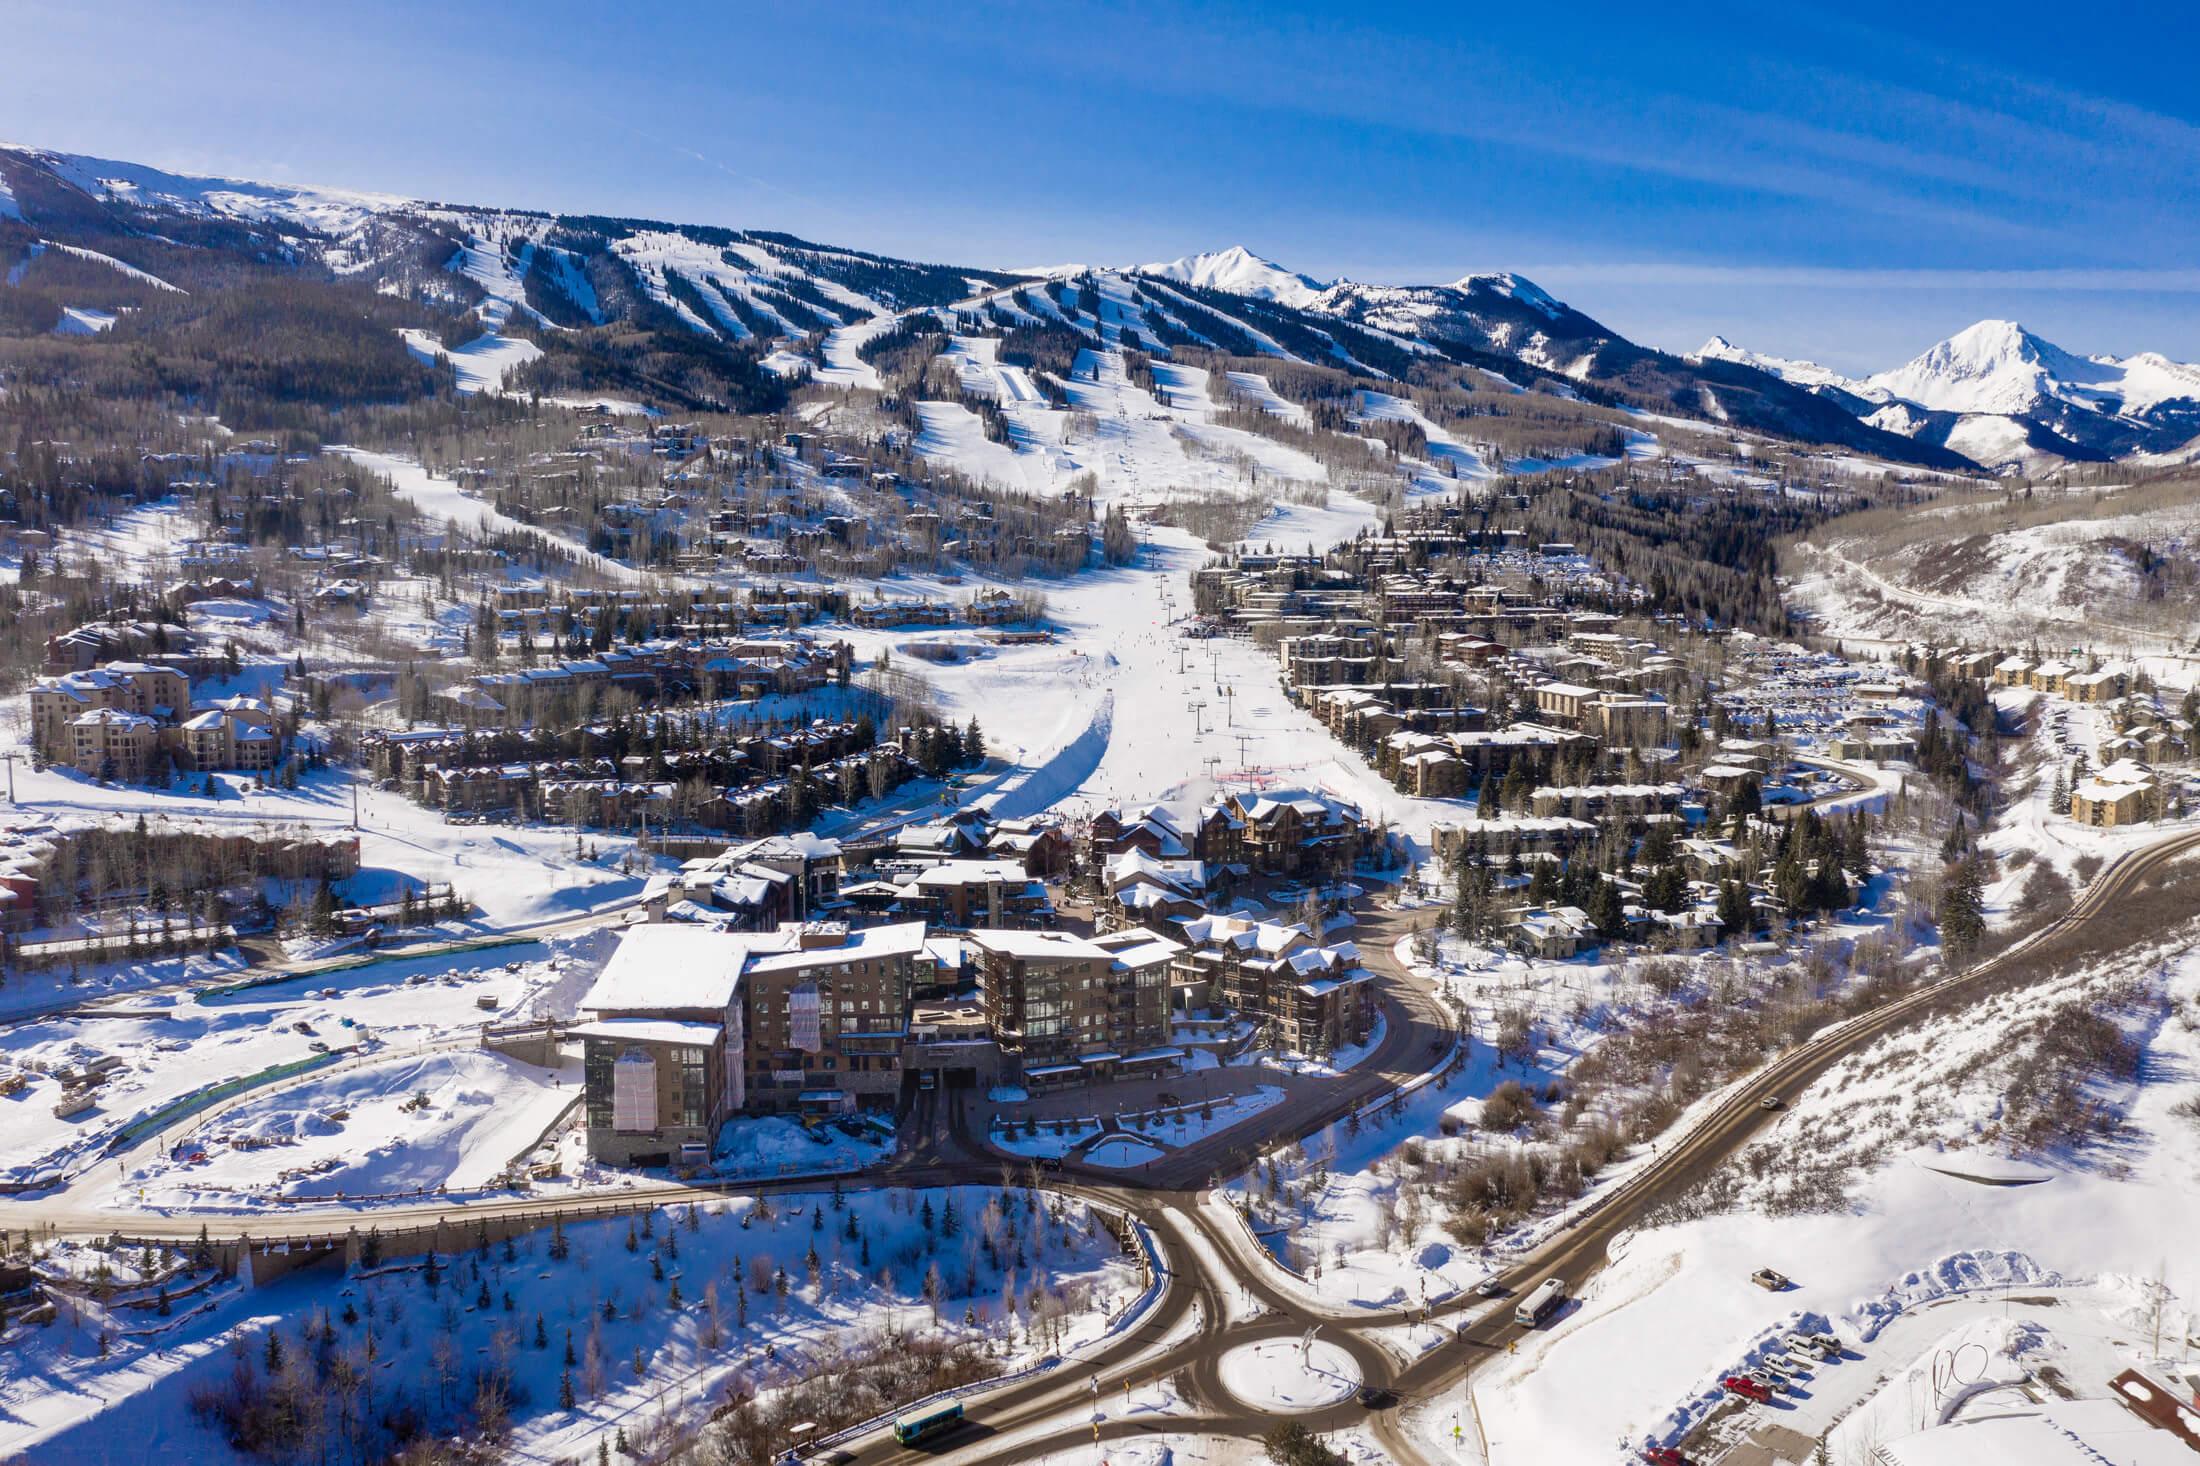 Aspen Snowmass resort aerial shot